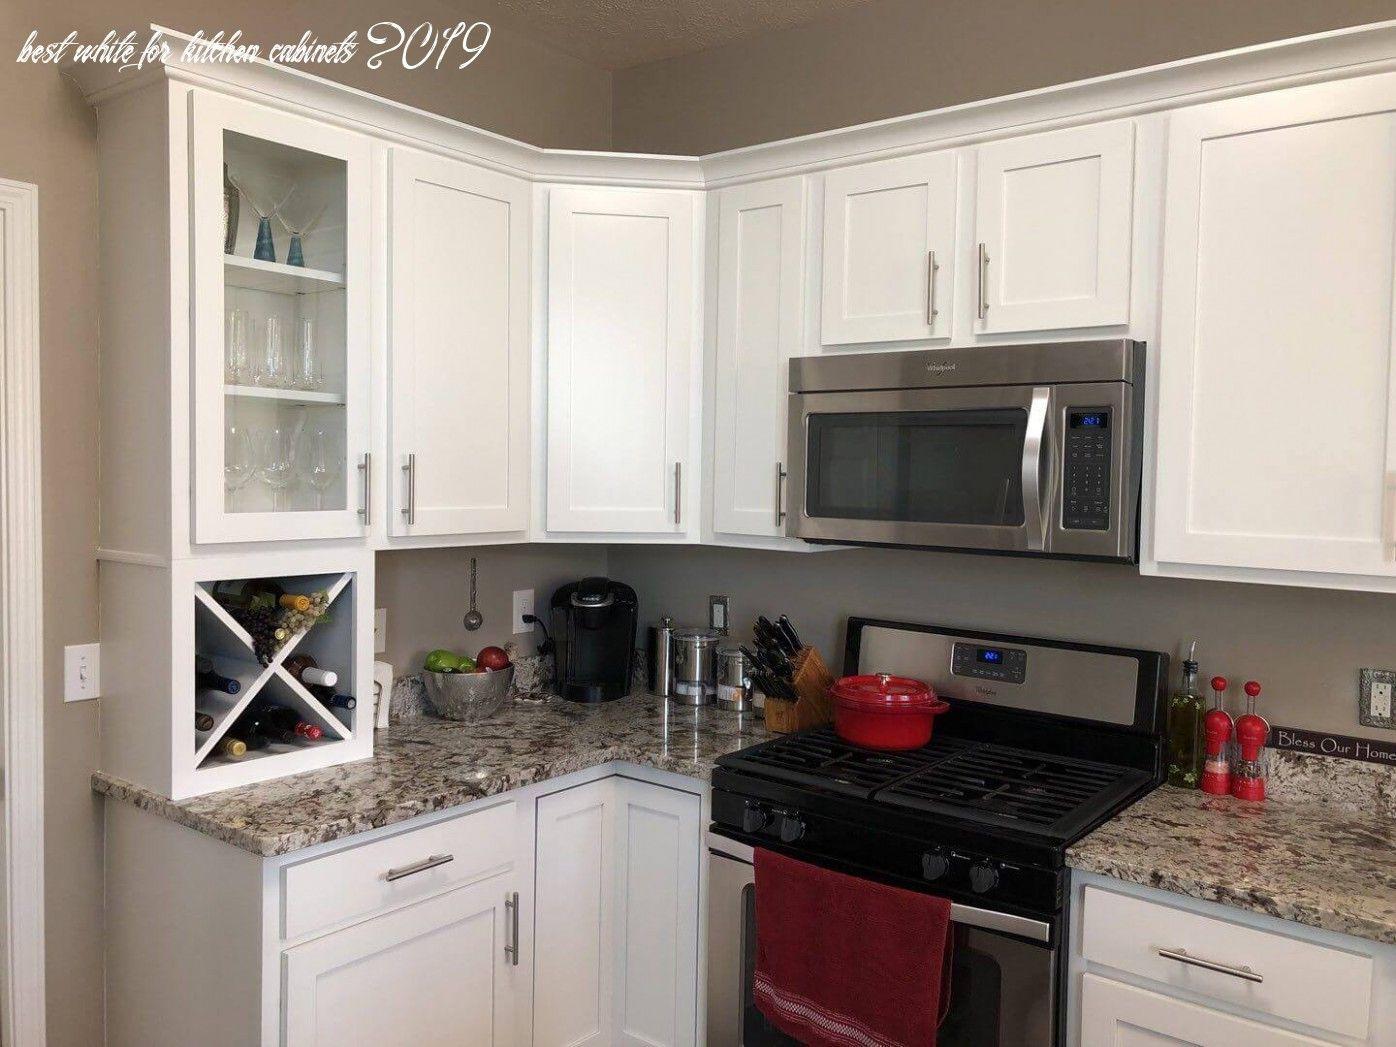 15 Best White For Kitchen Cabinets 2019 En 2020 Design Benjamin Moore Cabinet